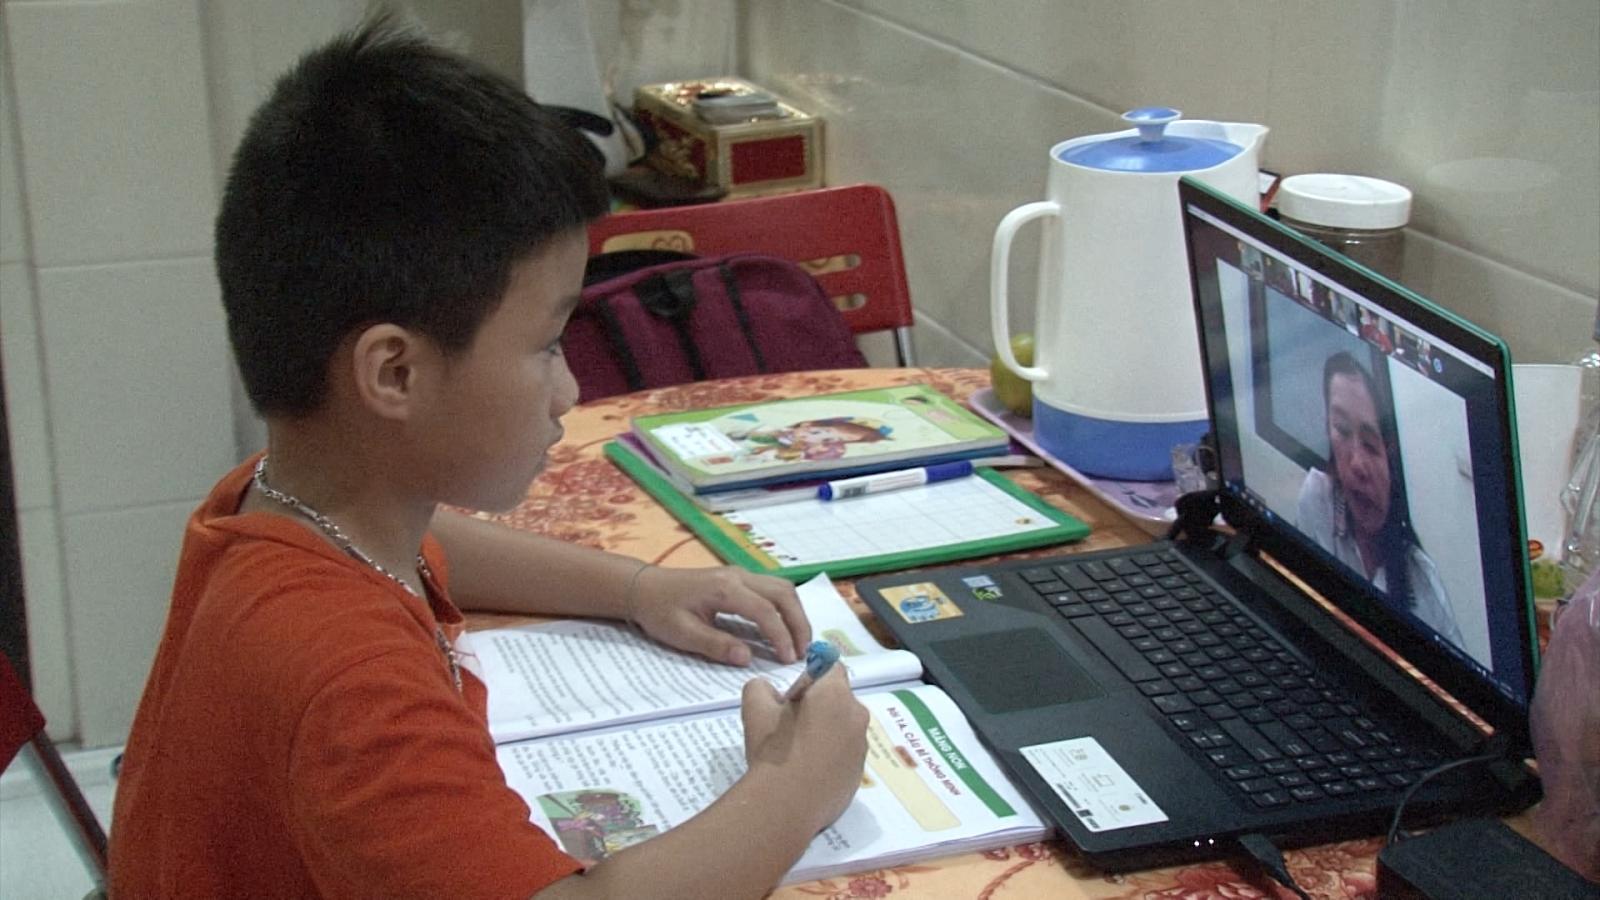 Hỗ trợ dạy và học trực tuyến trong mùa dịch